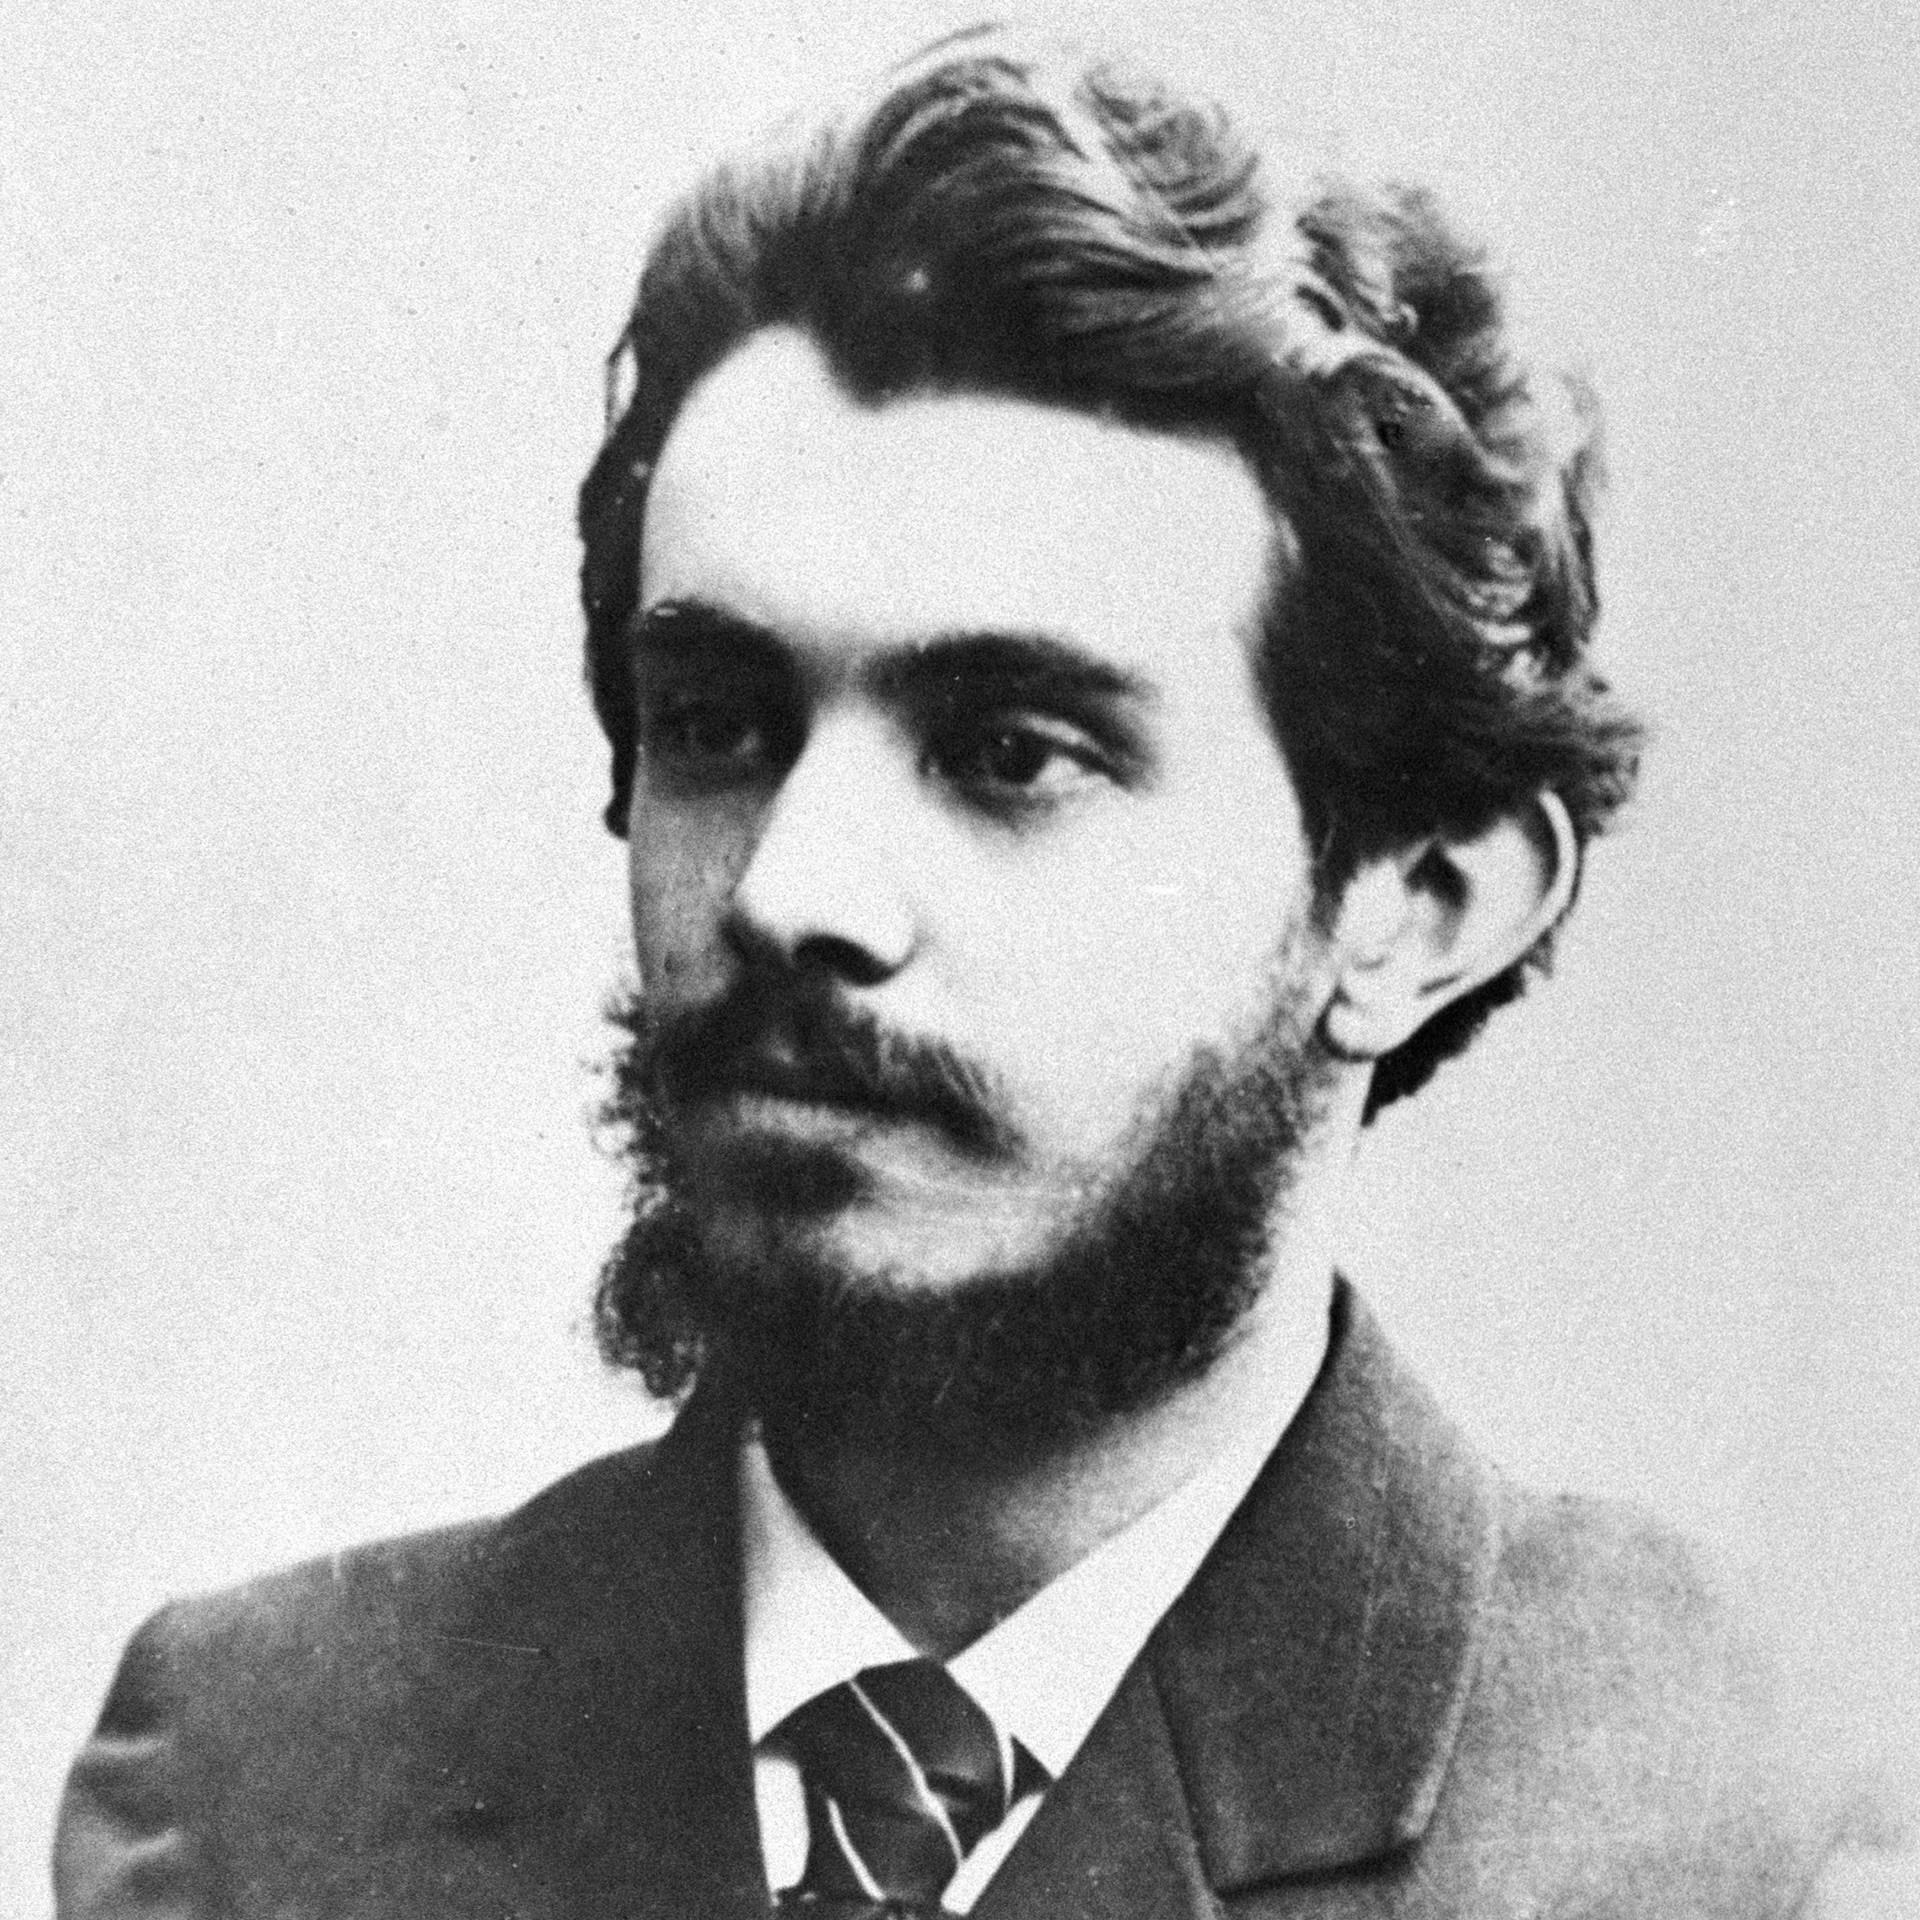 Filósofo profundo, Nikolai Berdiaev entrou em sérias contradições com os bolcheviques. Por isso, teve que escapar do país, já que aqueles duros com os que desafiassem seus ideais.